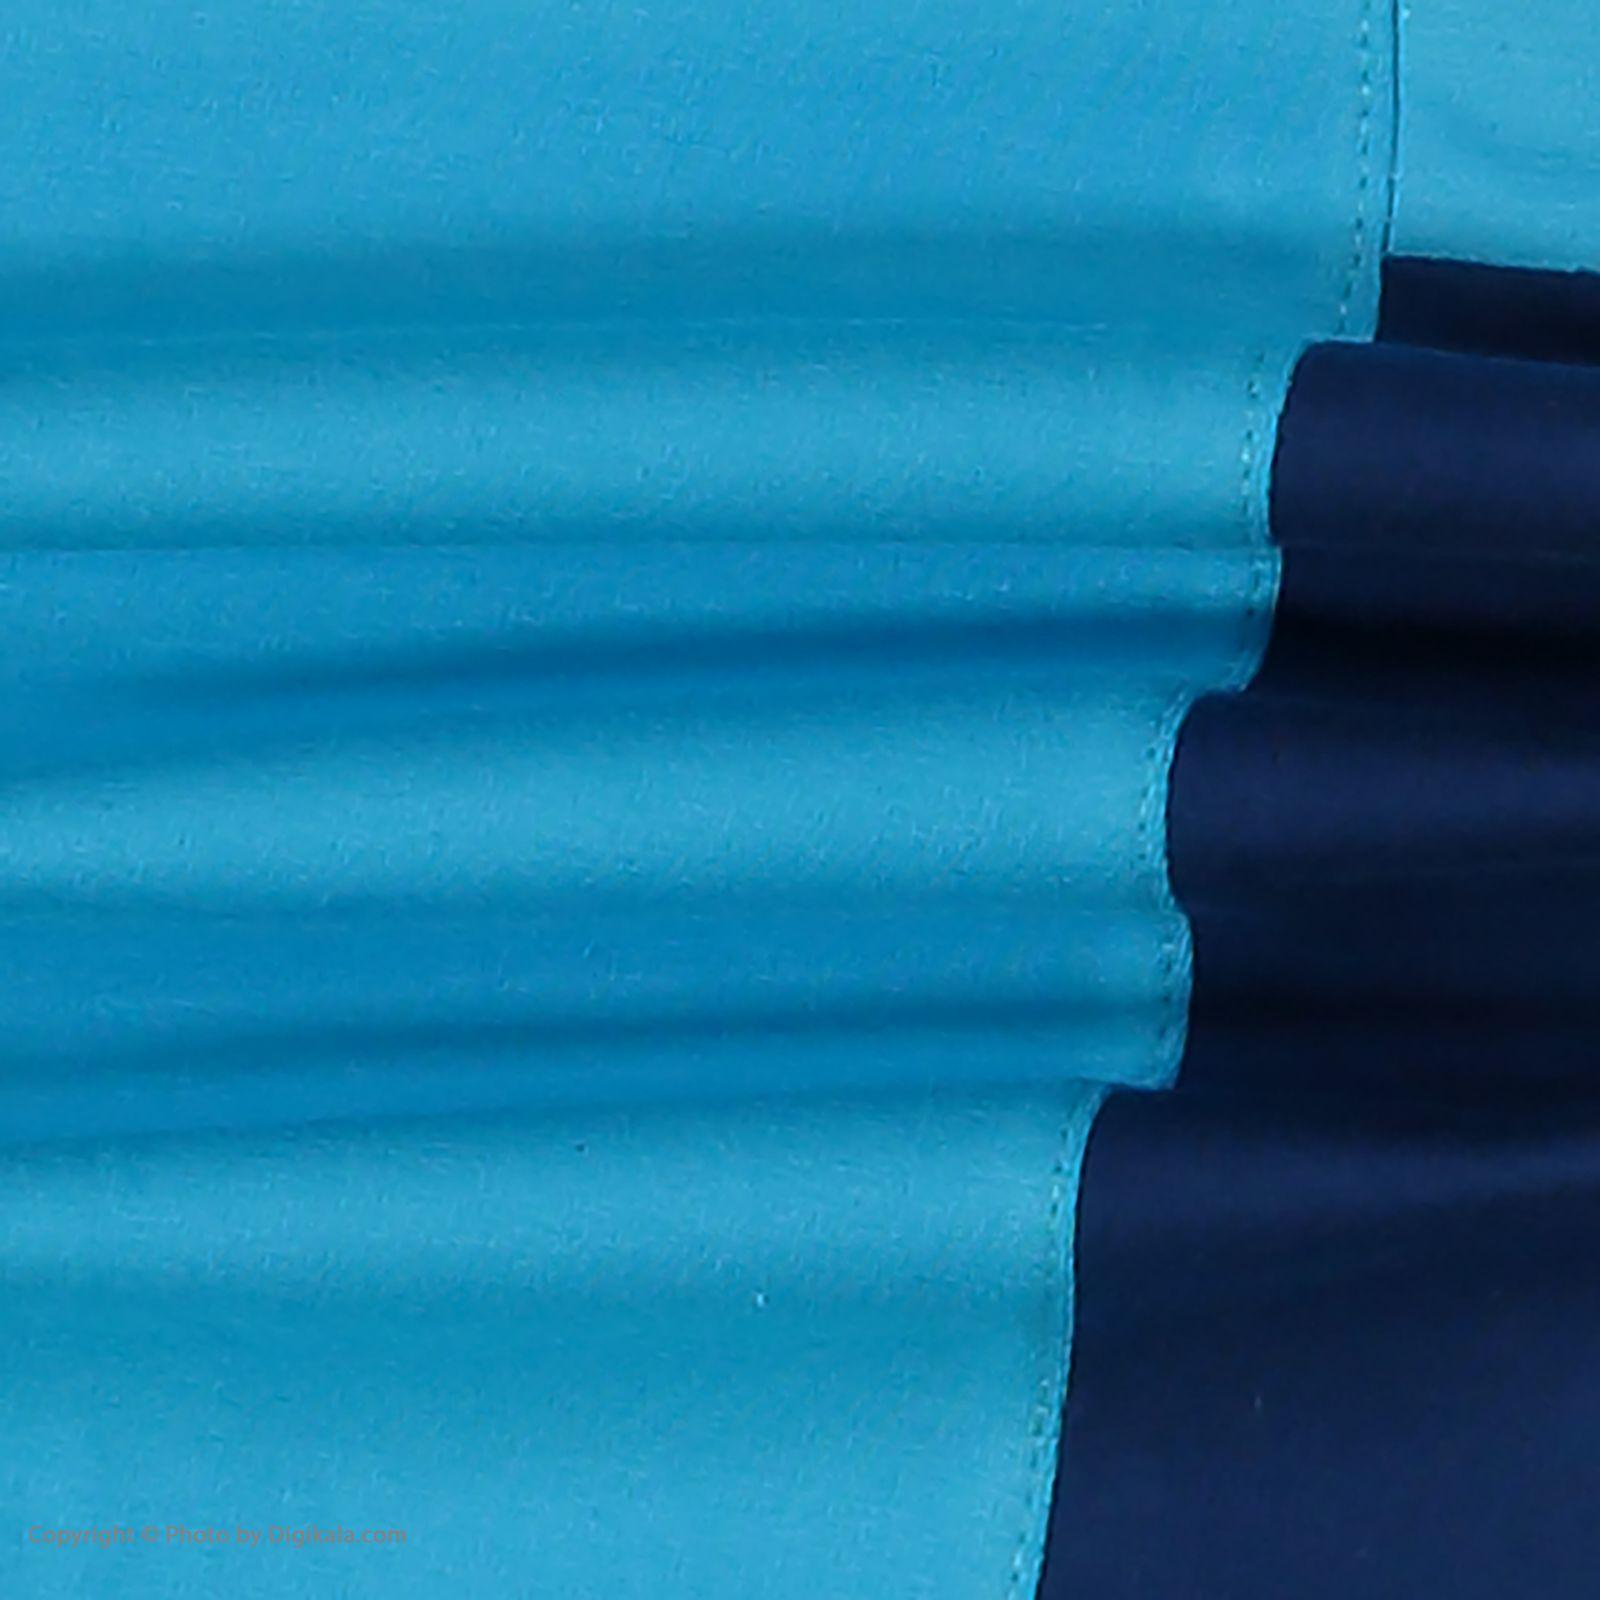 ست تی شرت و شلوار پسرانه مادر مدل 308-53 main 1 11